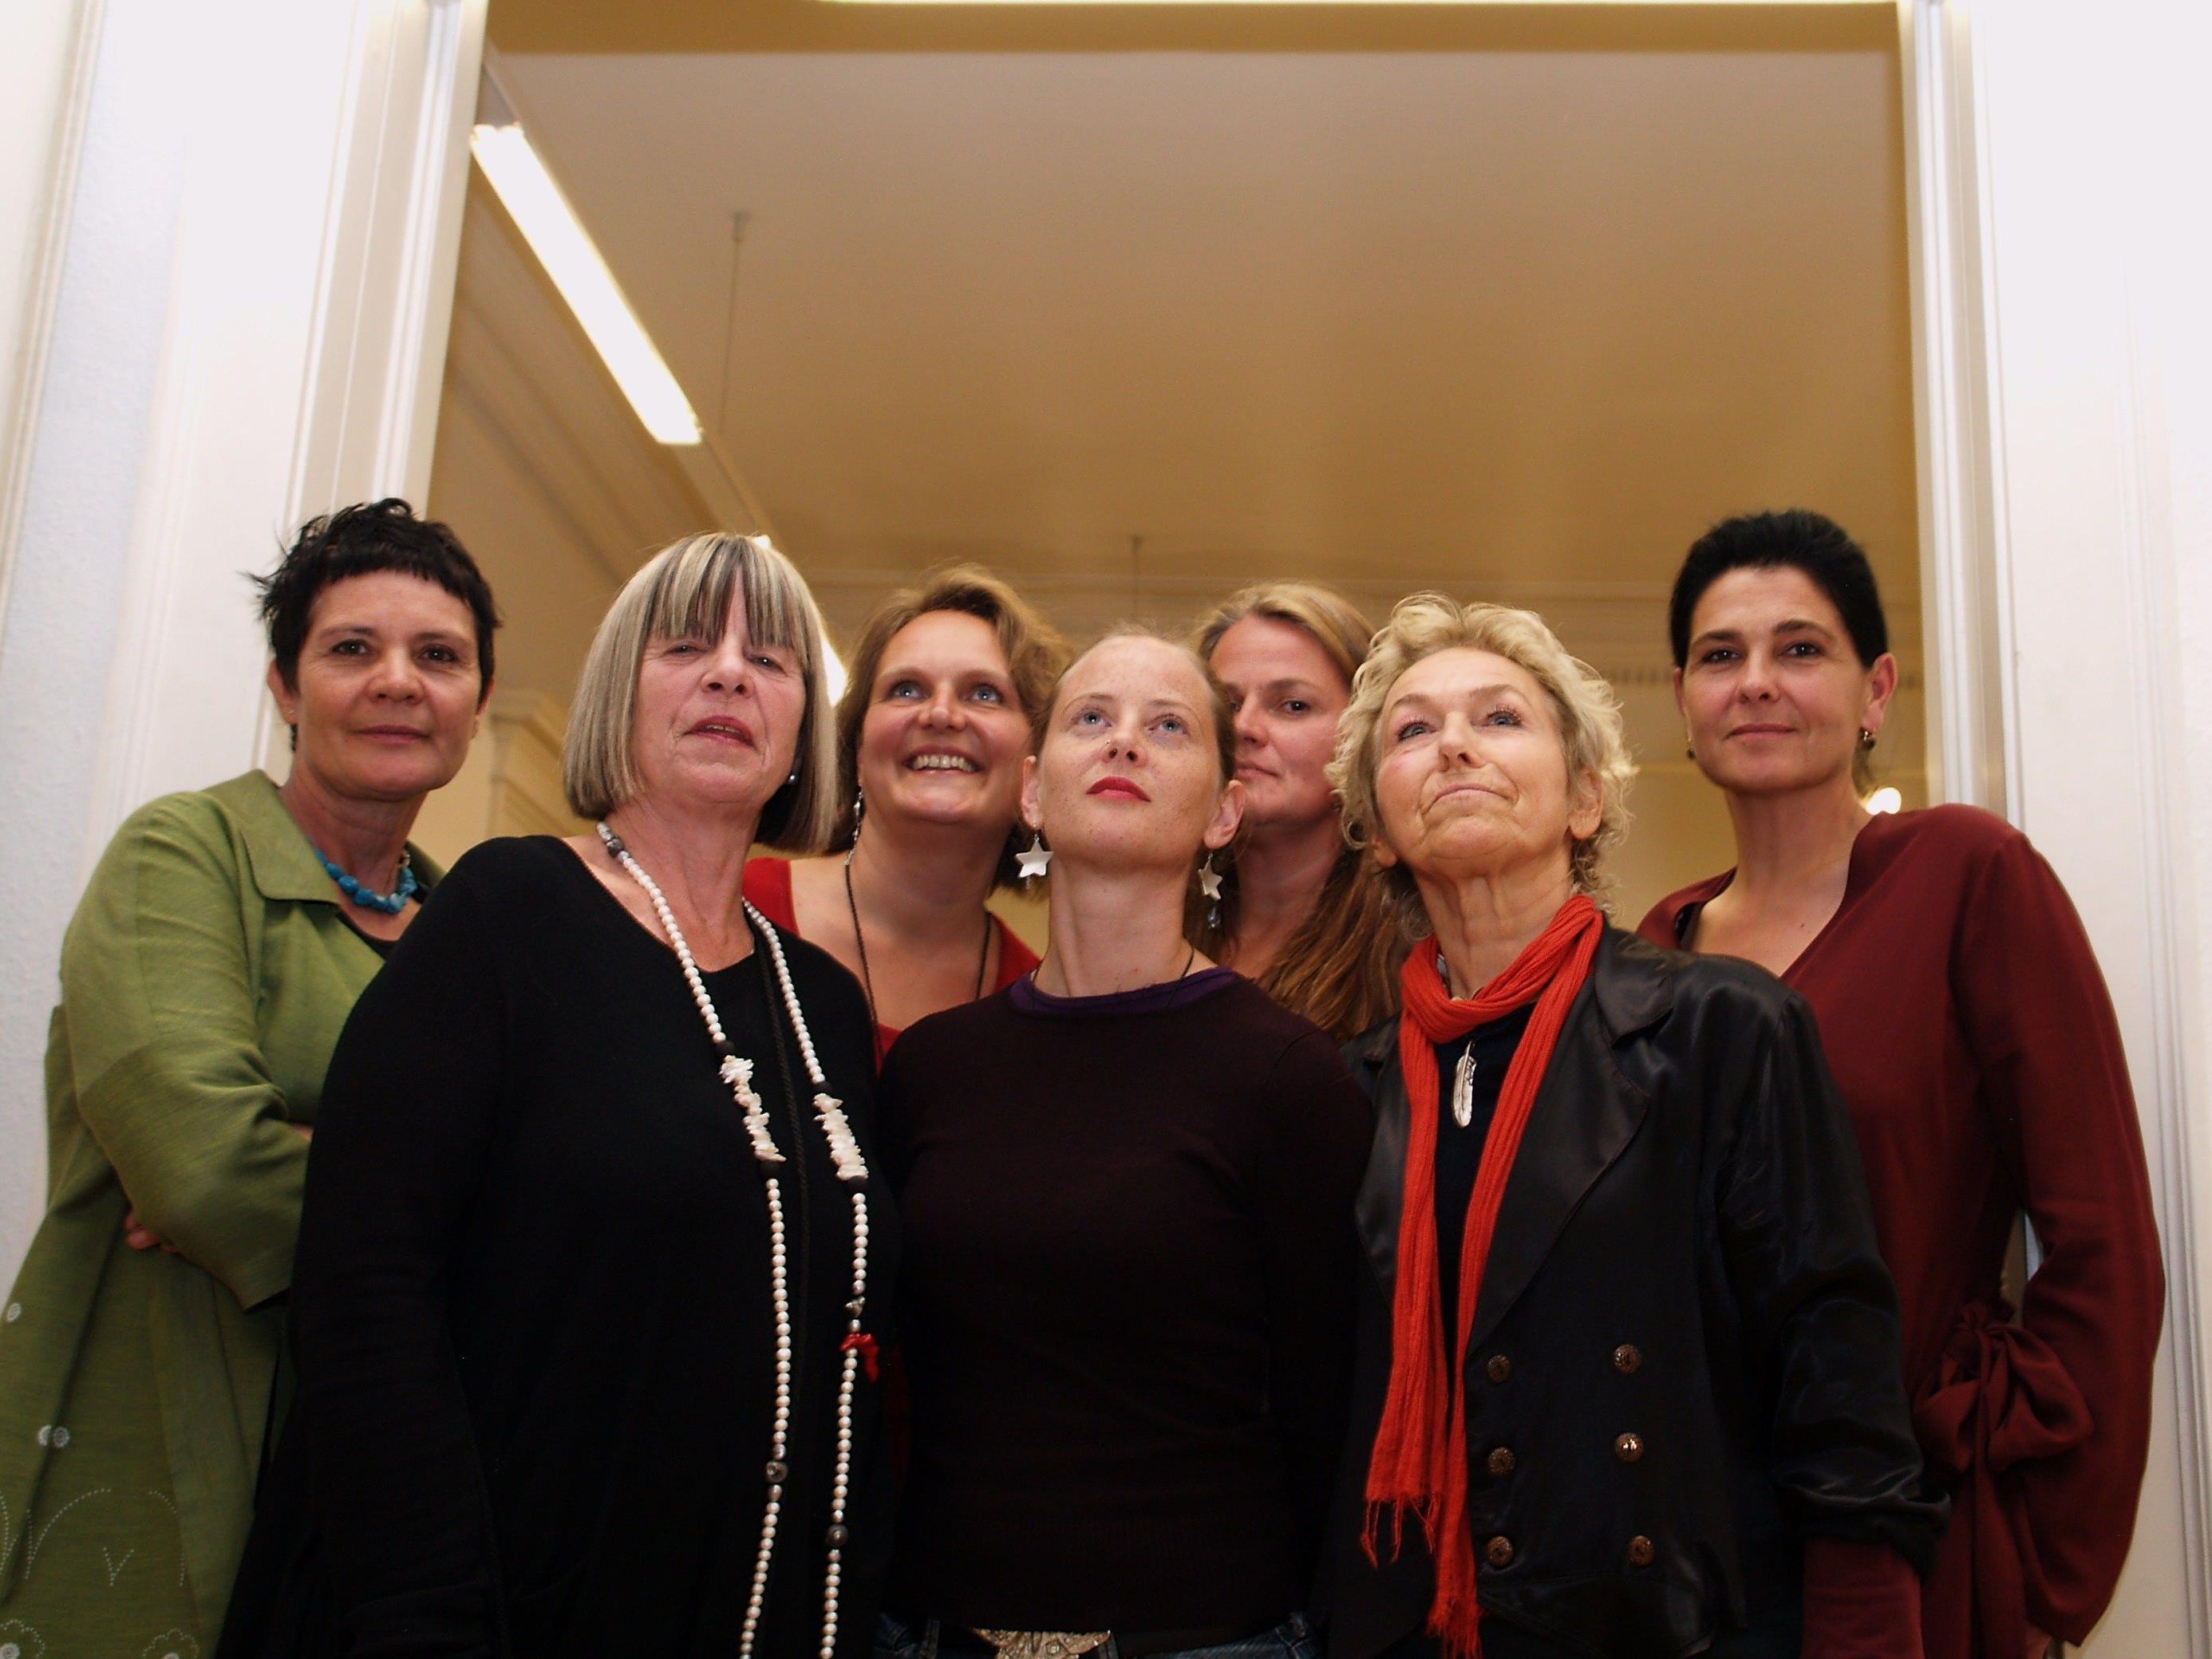 Die sieben Künstlerinnen präsentieren bis 30. Oktober 2011 ihre Arbeiten.